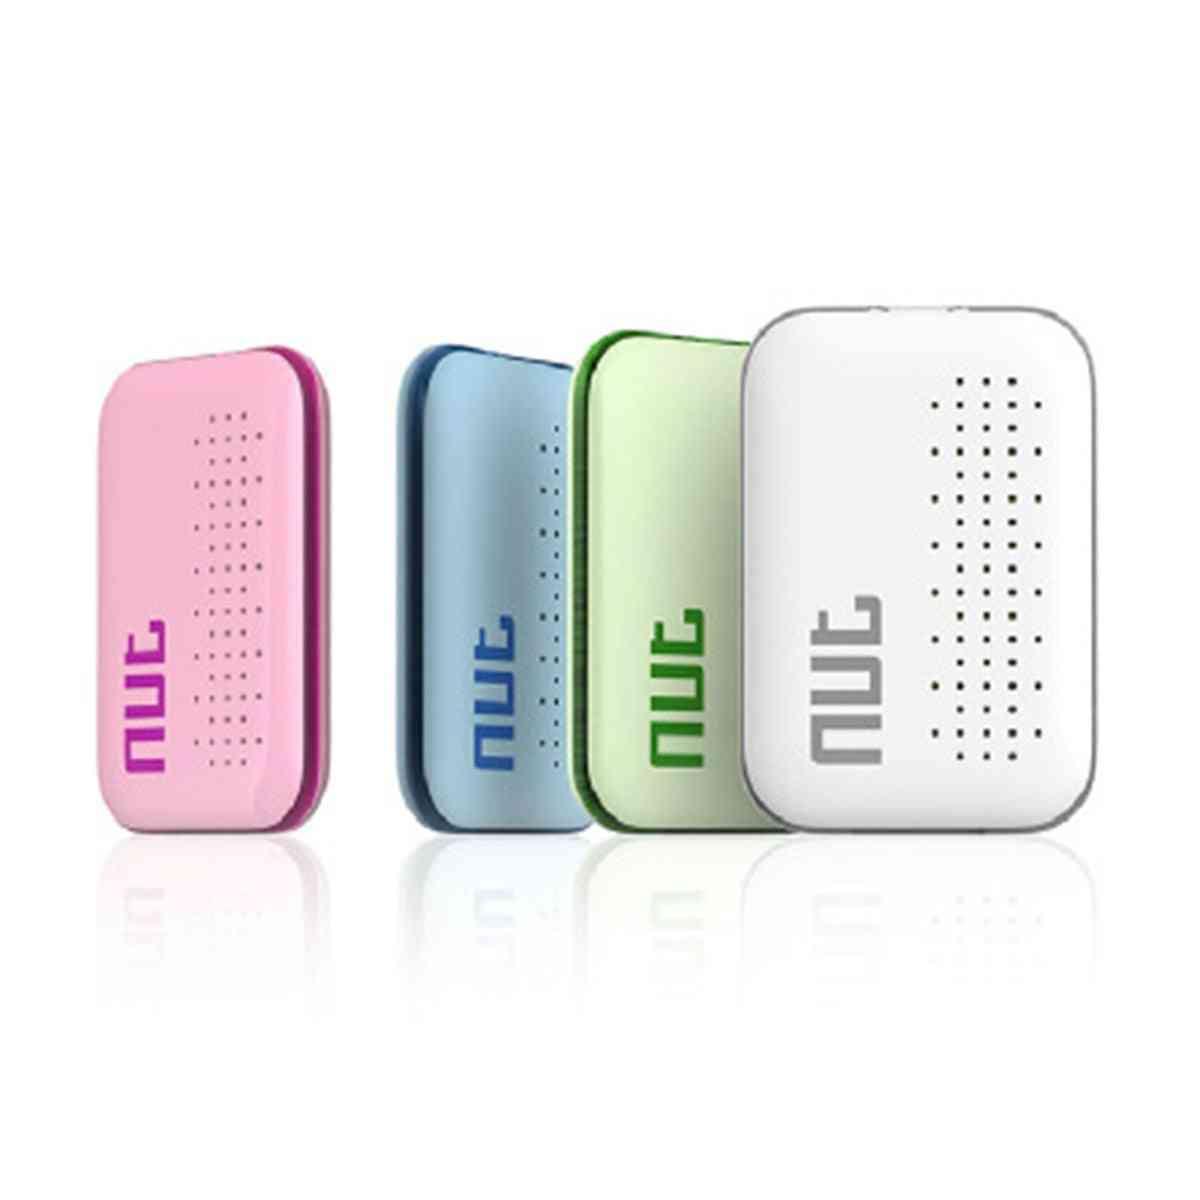 Original Mini Smart Key Finder - Wireless / Bluetooth Tag Tracker